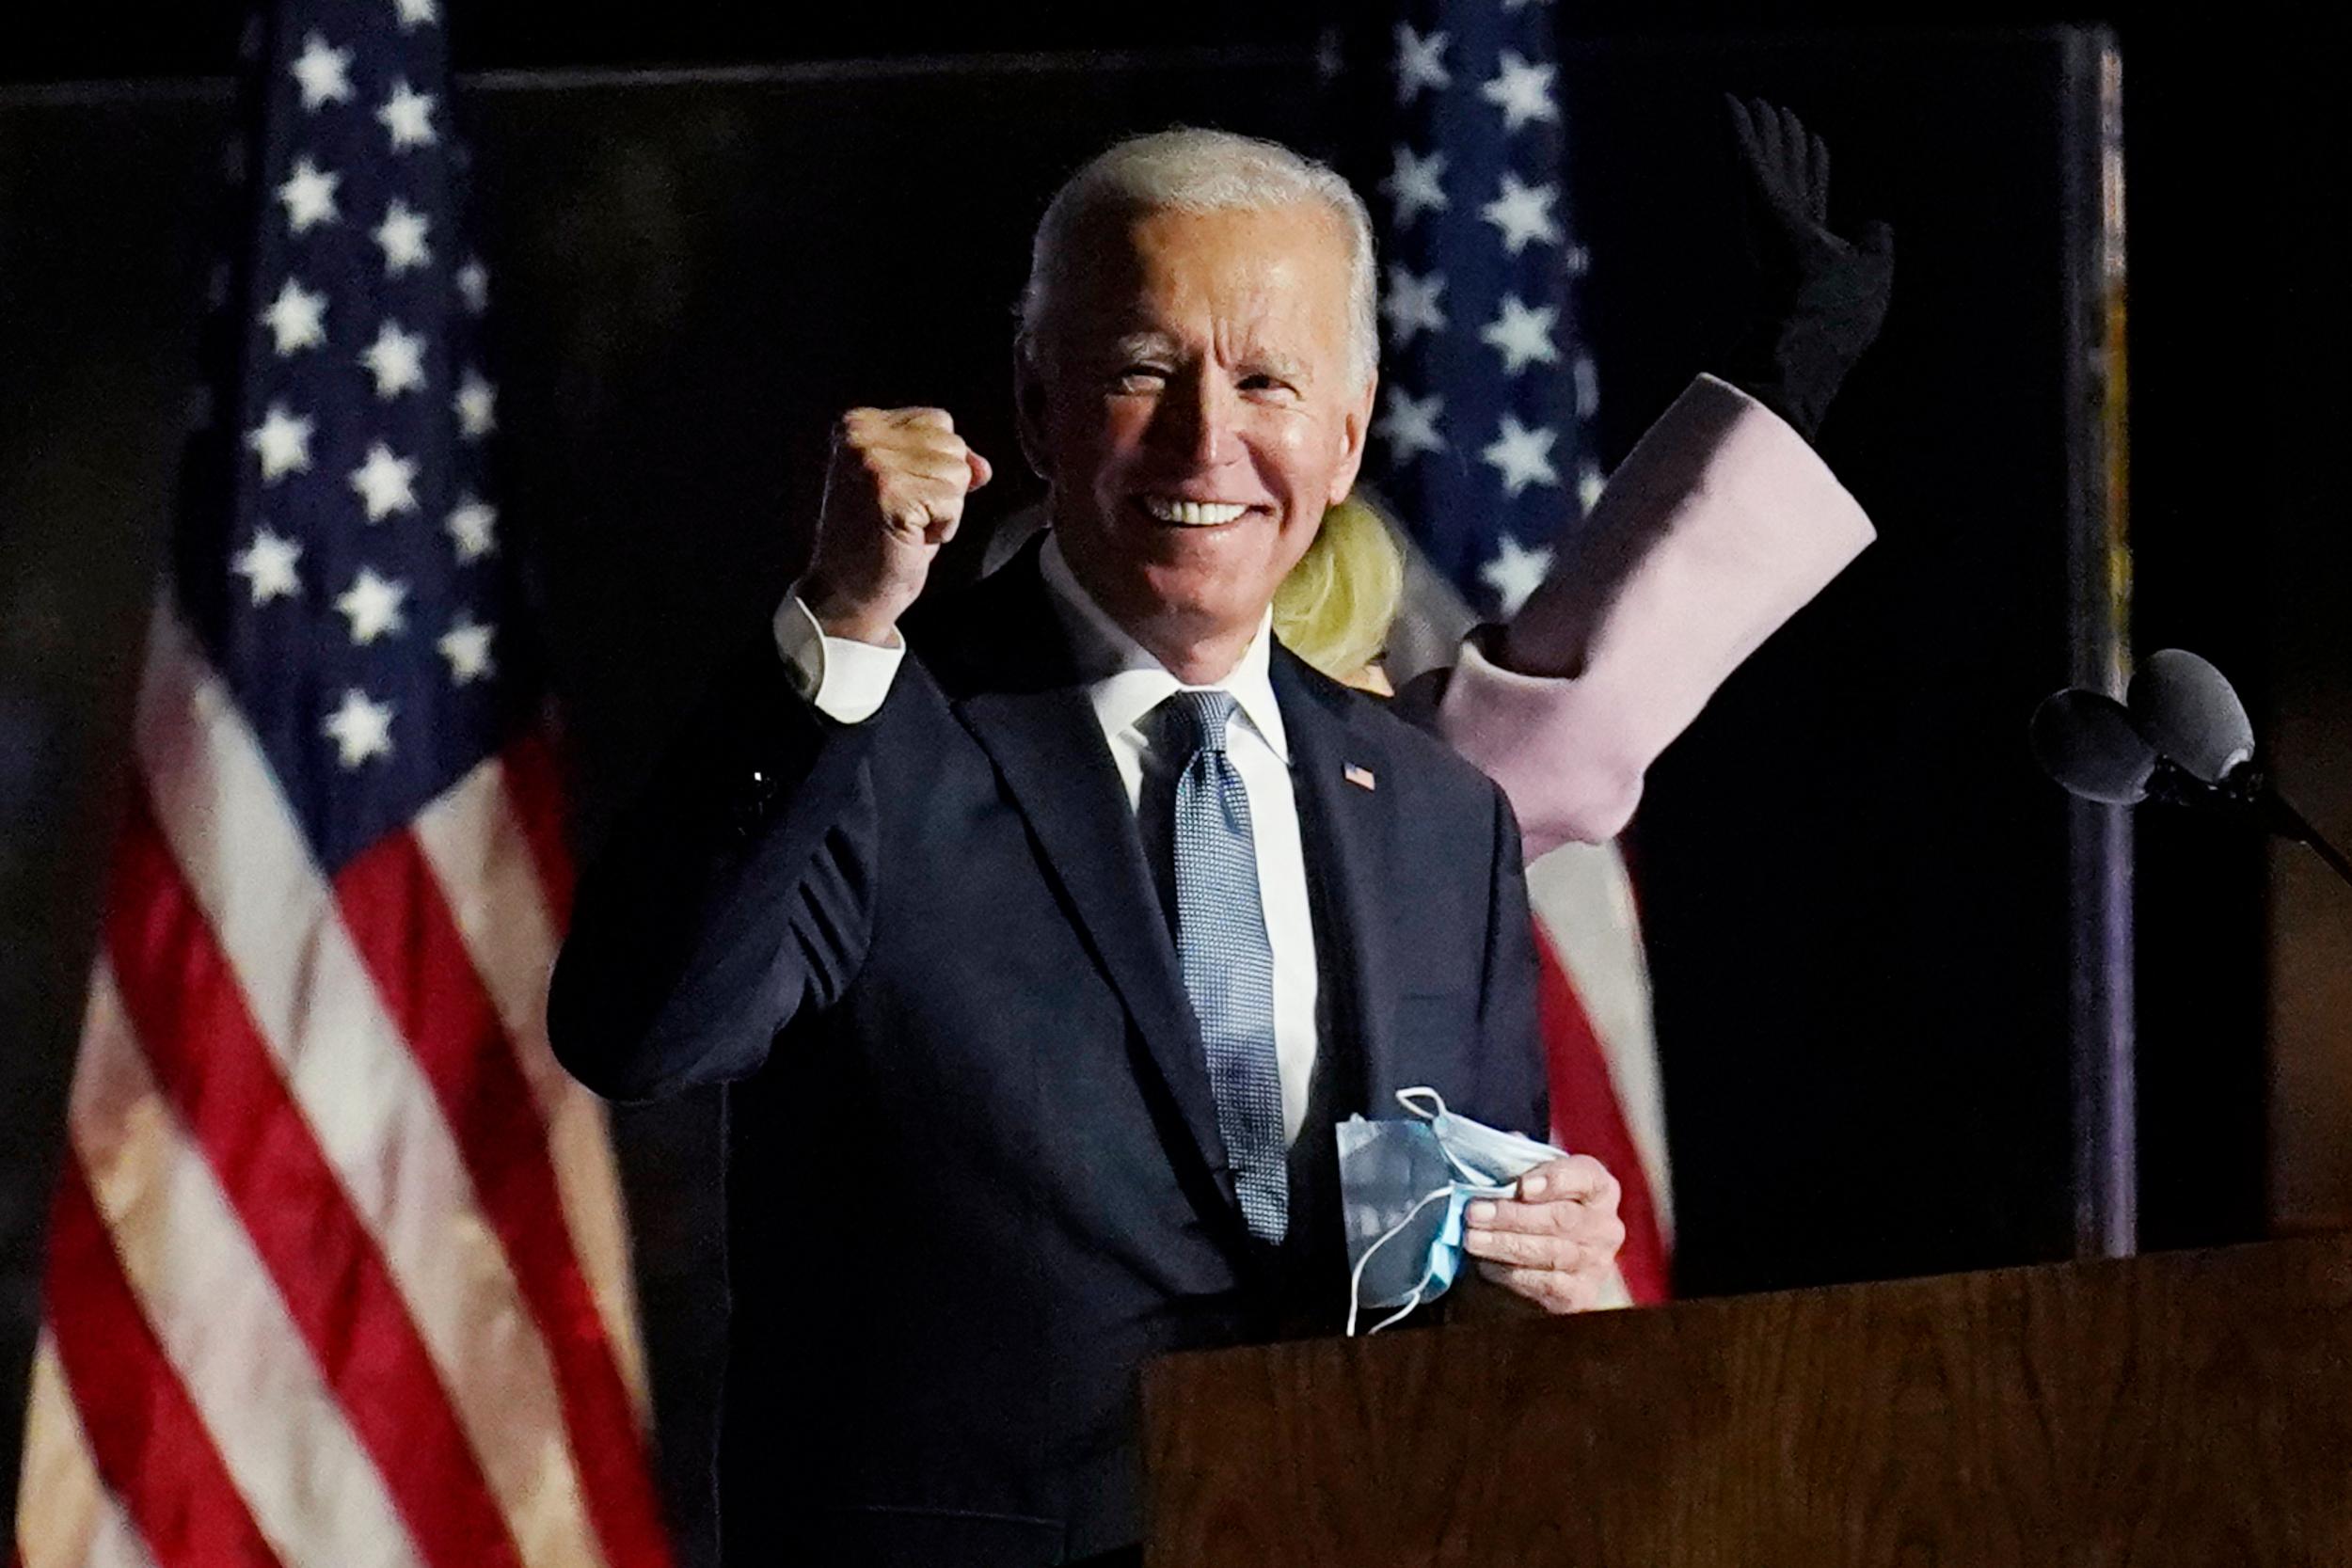 Joe Biden anula la prohibición de que las personas trans sirvan en el ejército